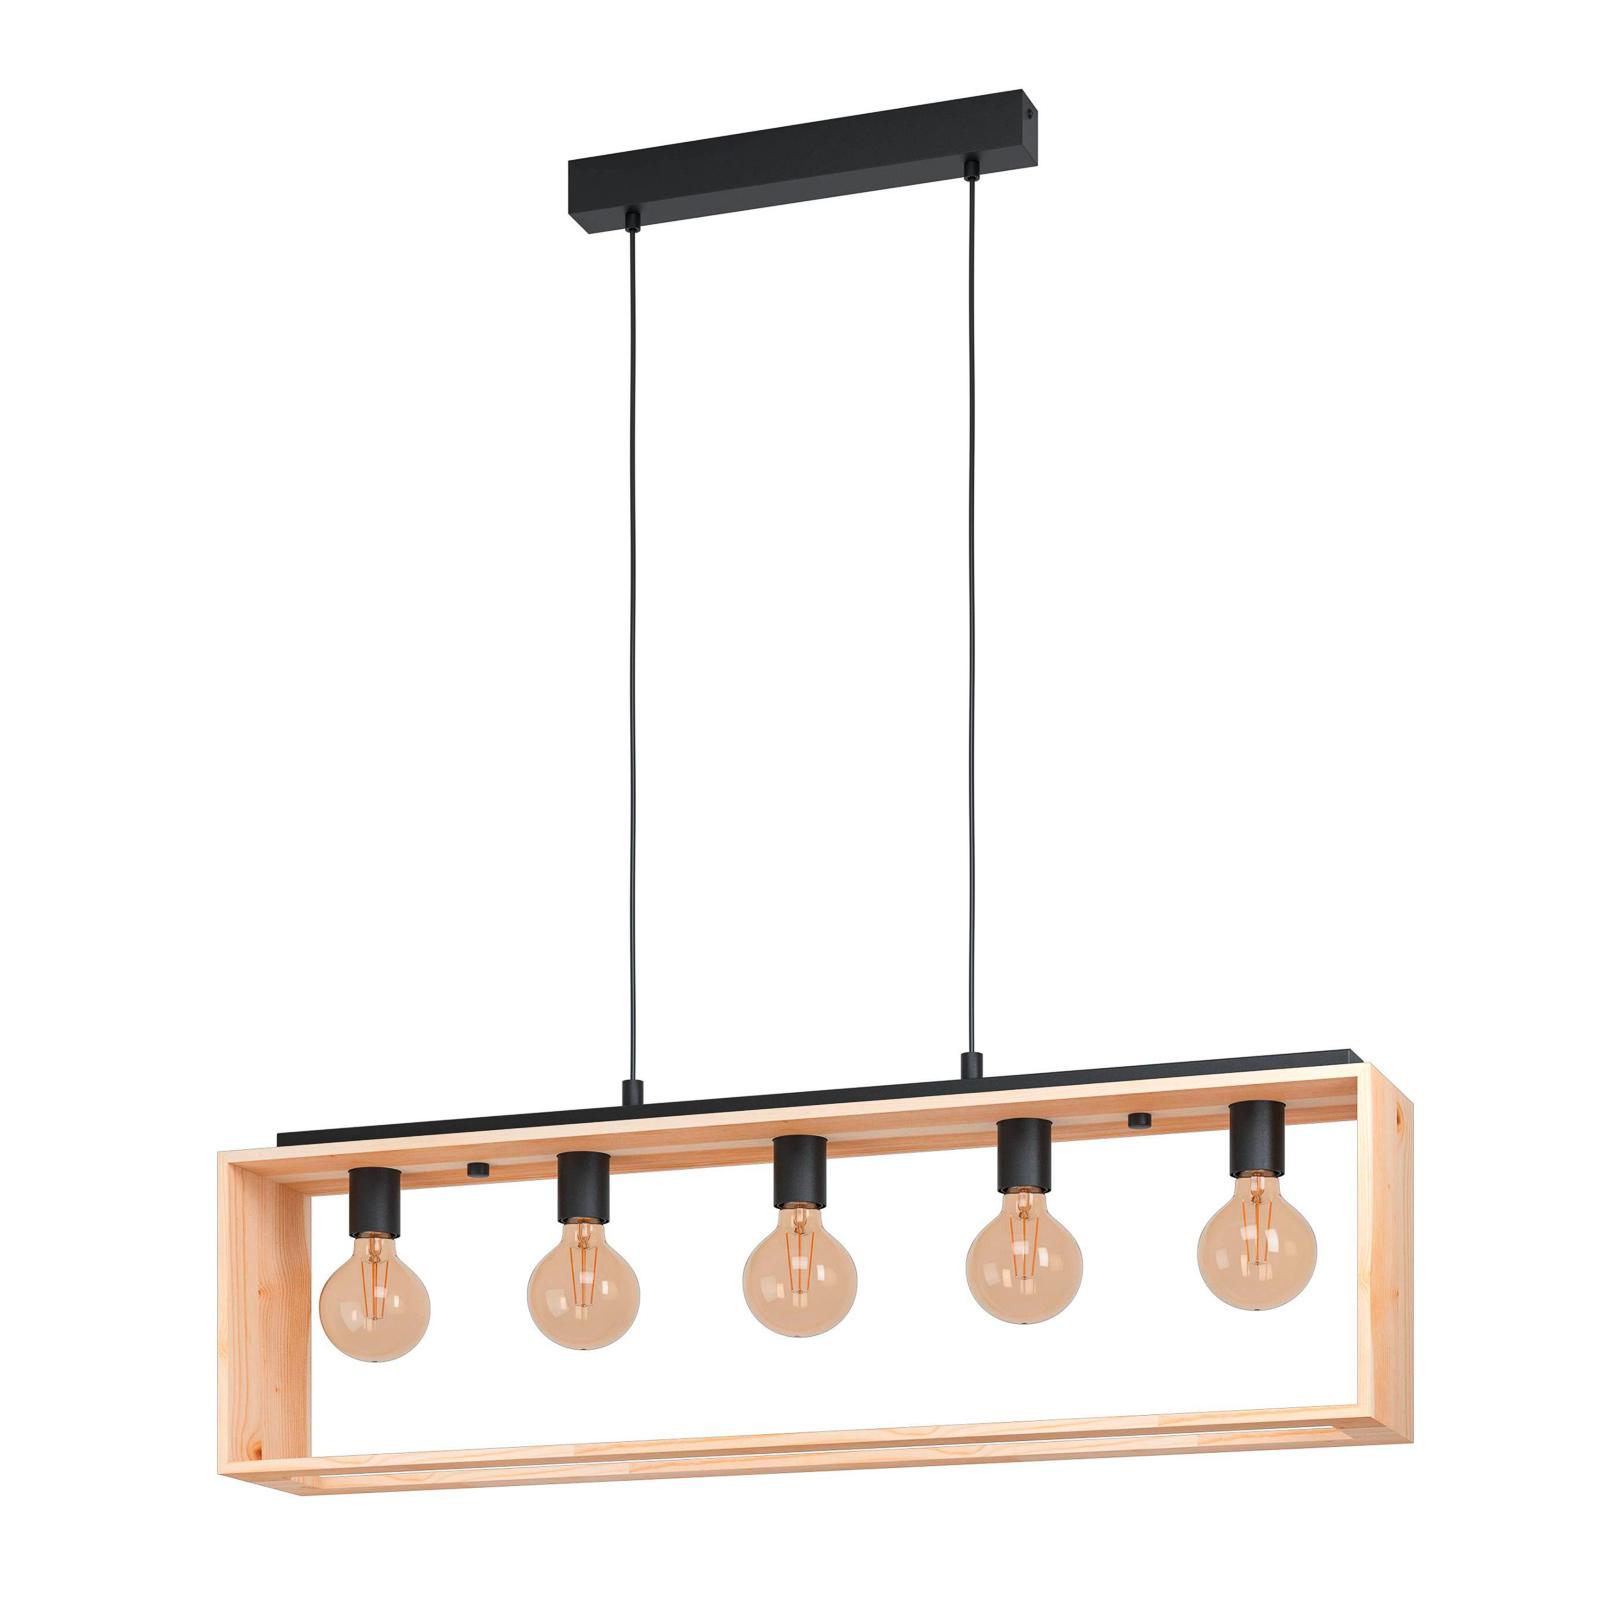 Suspension Famborough avec cadre en bois, 5 lampes